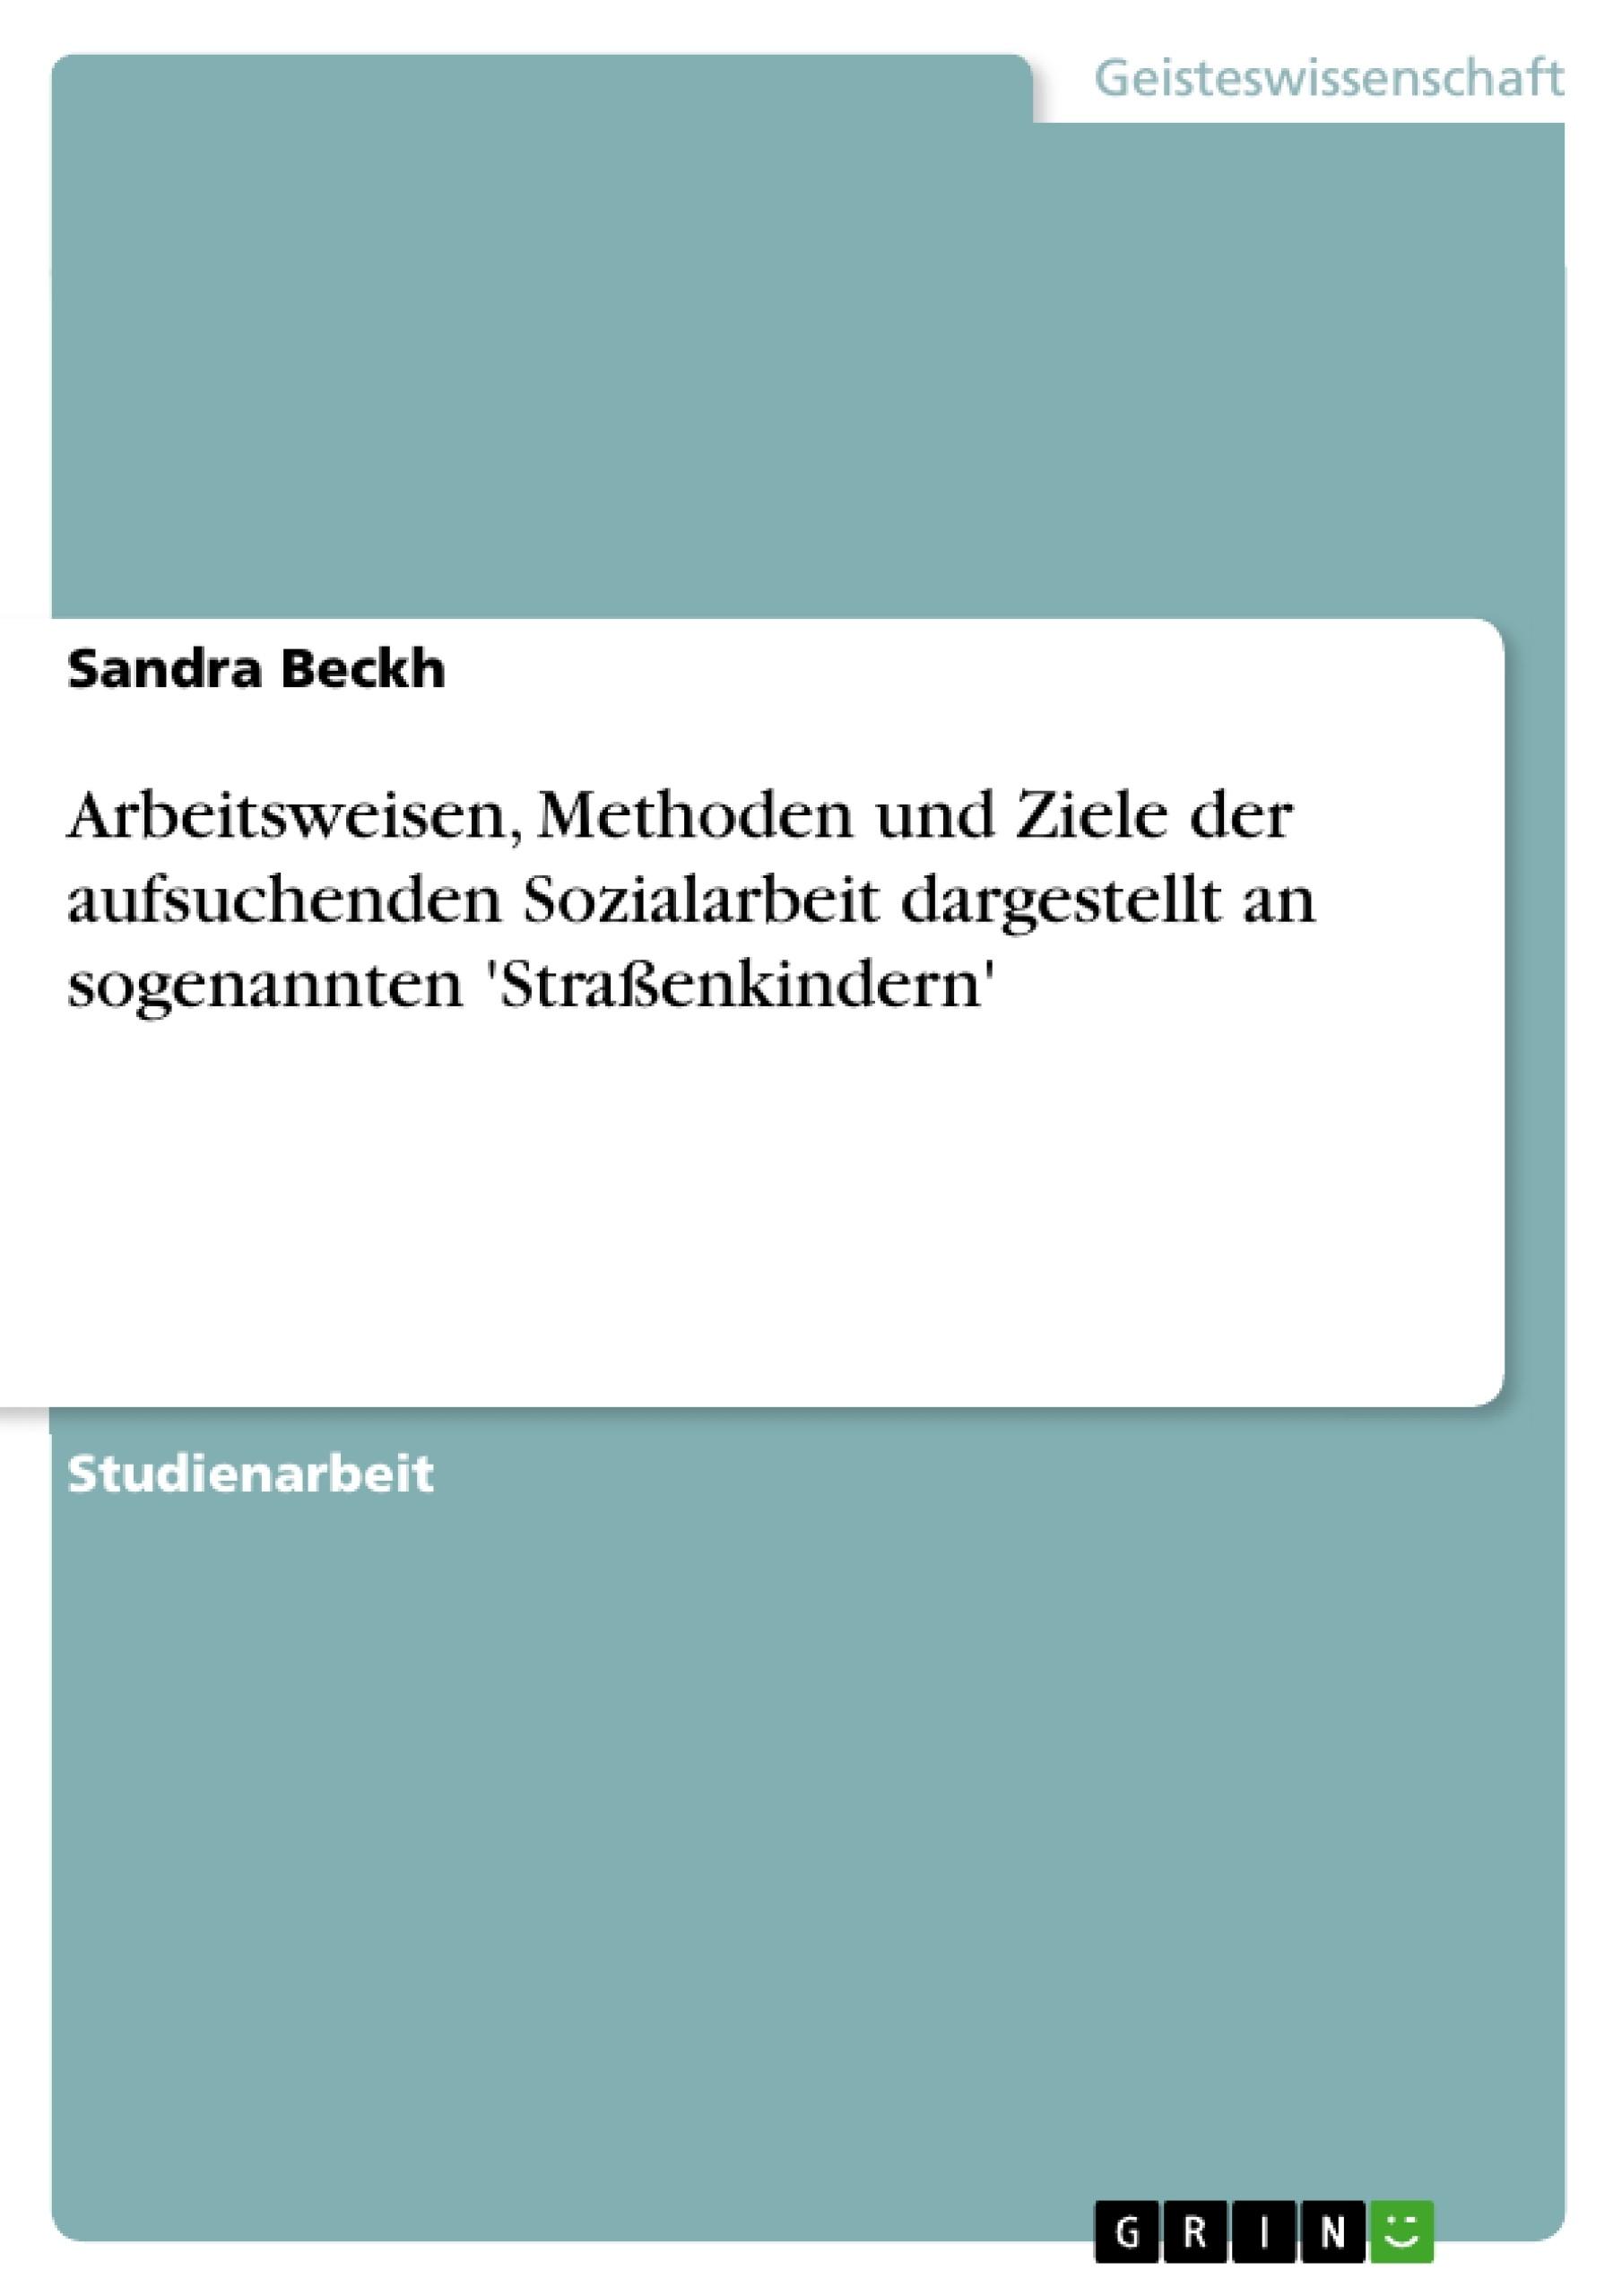 Titel: Arbeitsweisen, Methoden und Ziele der aufsuchenden Sozialarbeit dargestellt an sogenannten 'Straßenkindern'